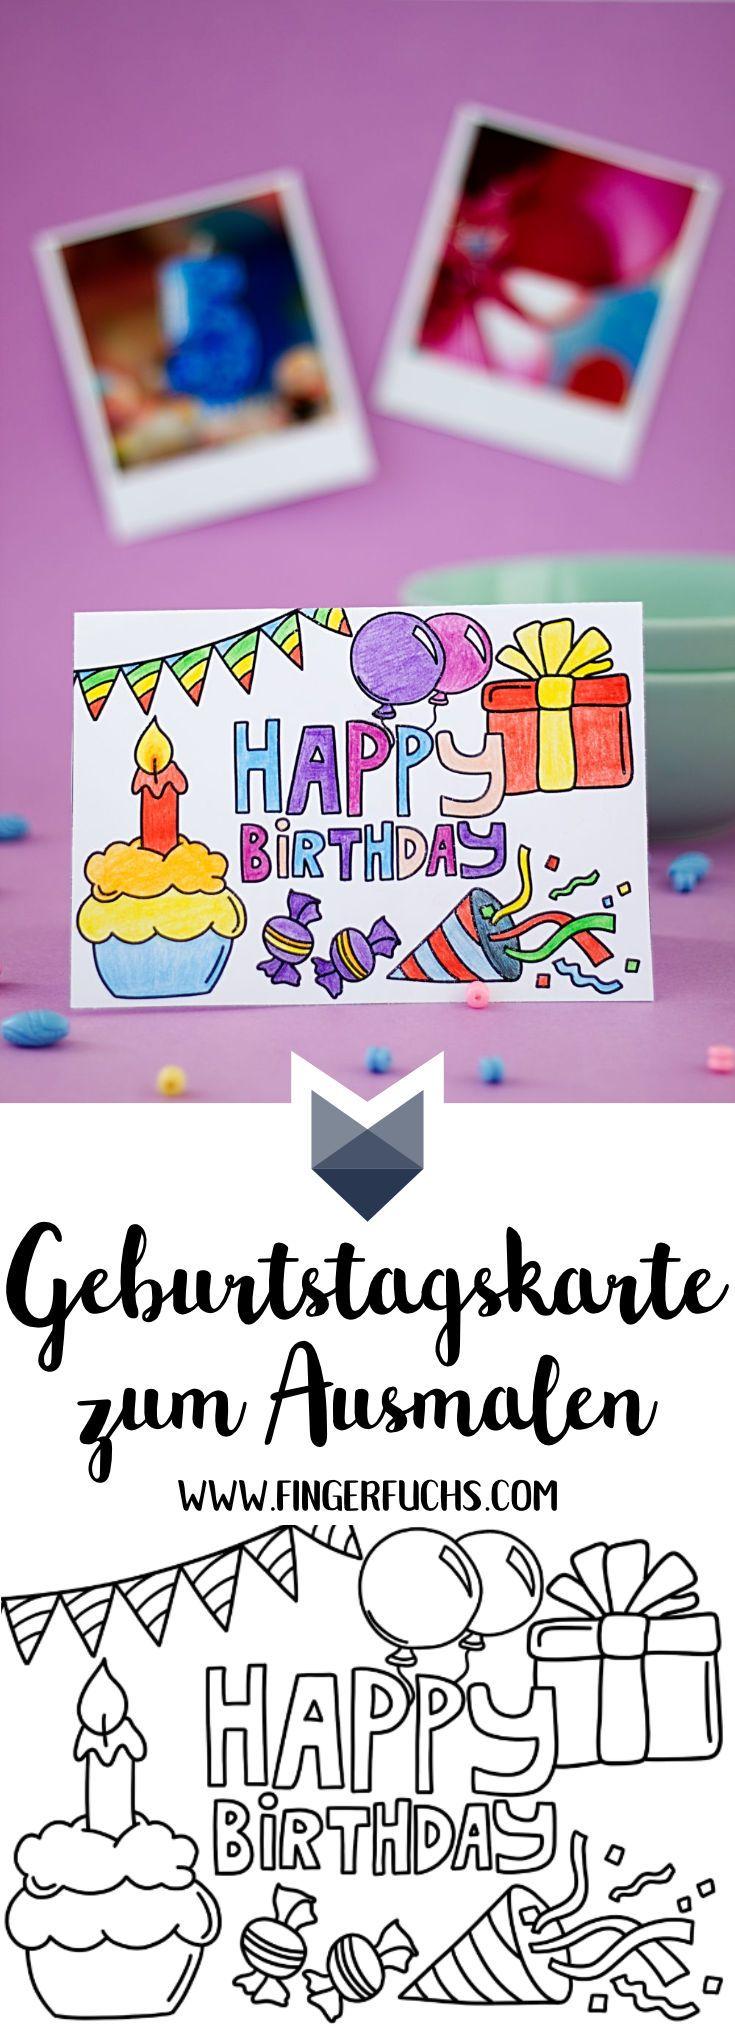 Geburtstagskarte Zum Ausmalen Pretty Crafty Pinterest